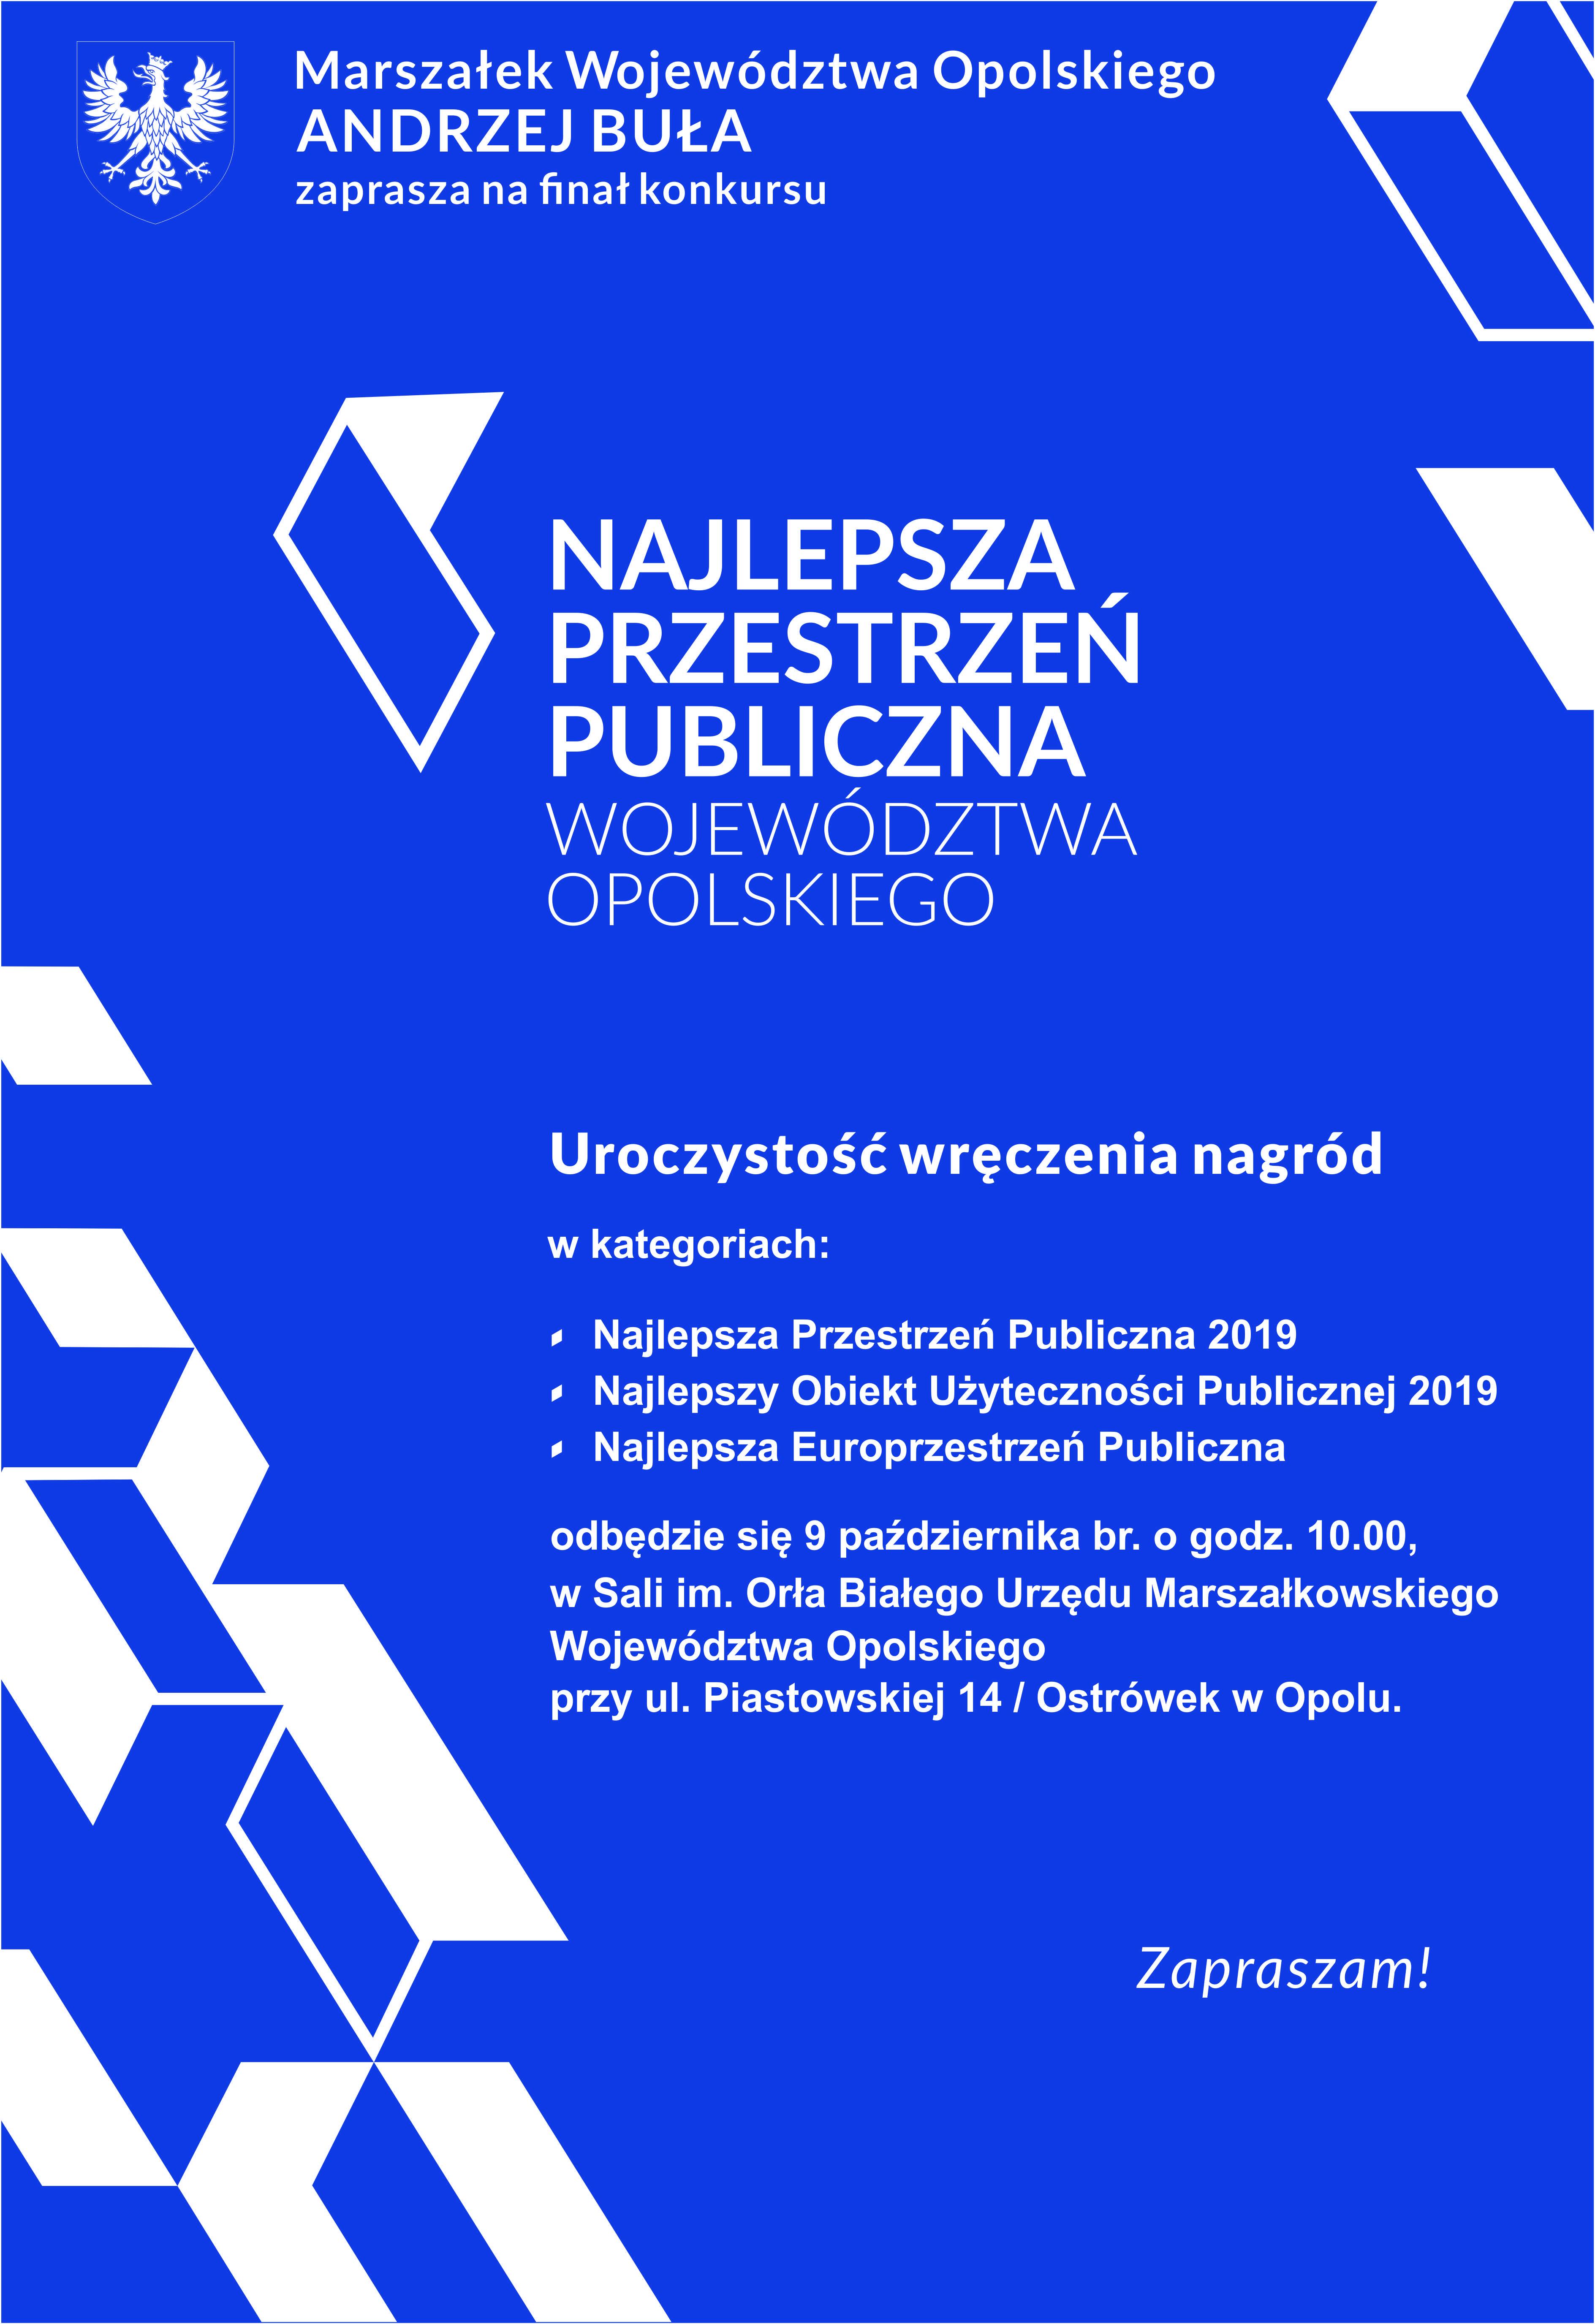 Zapraszamy na finał konkursu - 9.10.2019 r. -